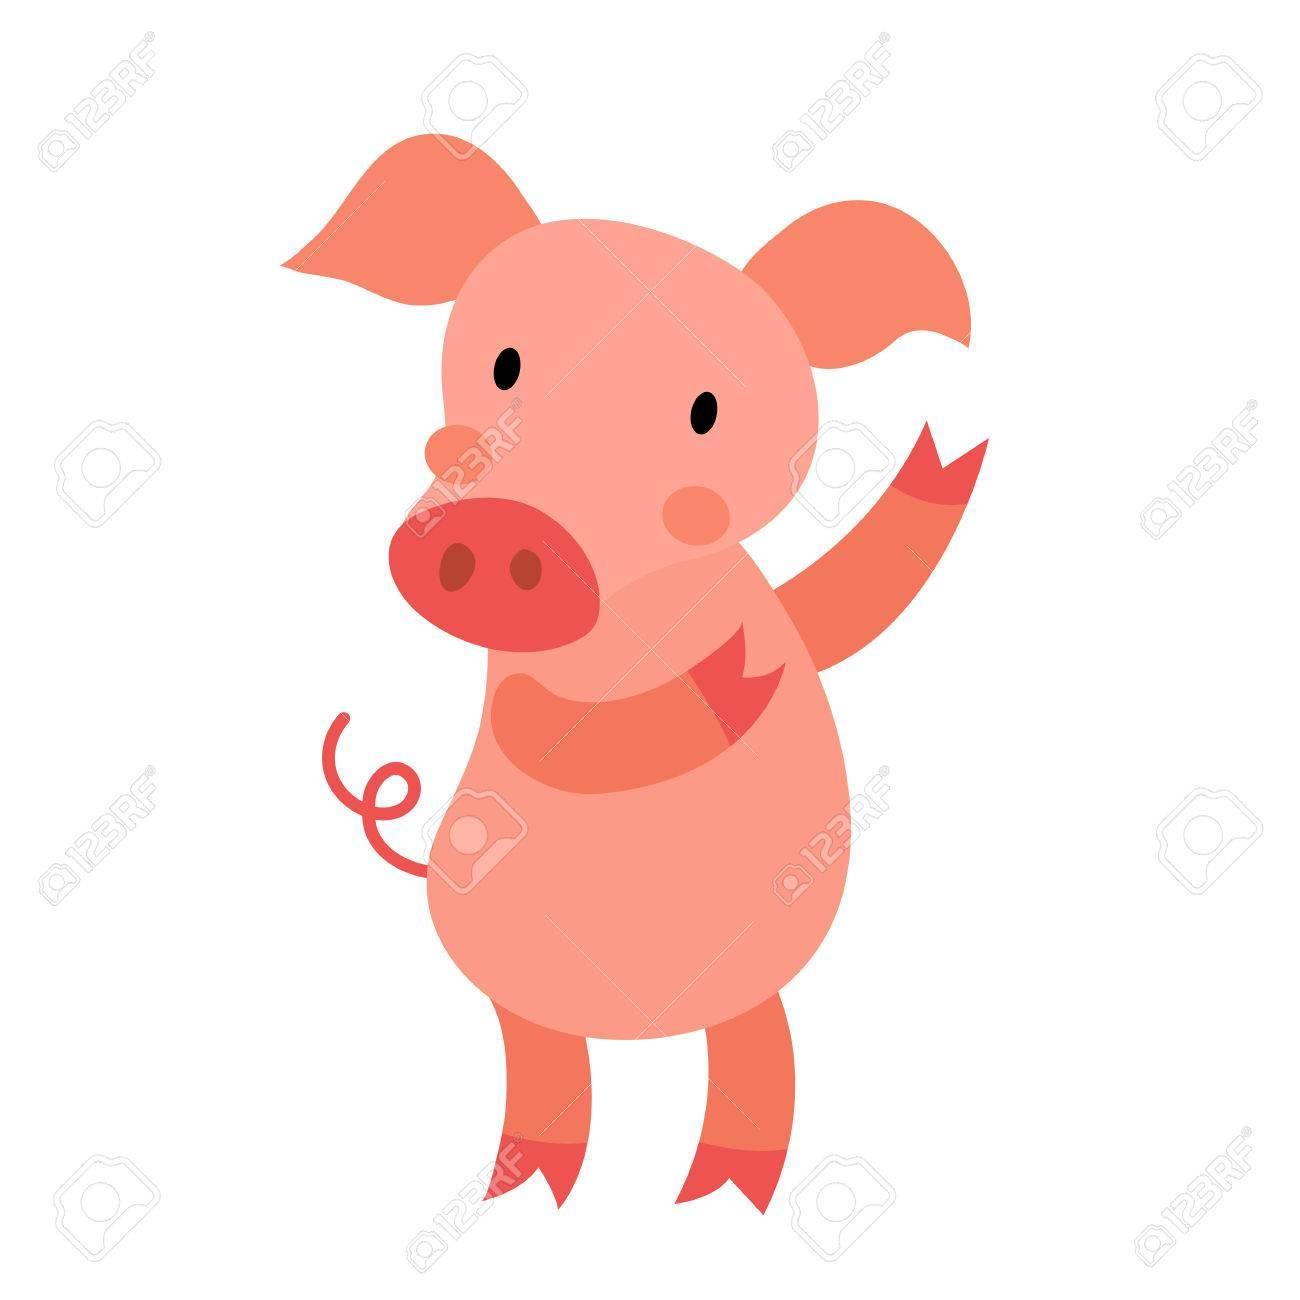 Dancing pig clipart 6 » Clipart Portal.